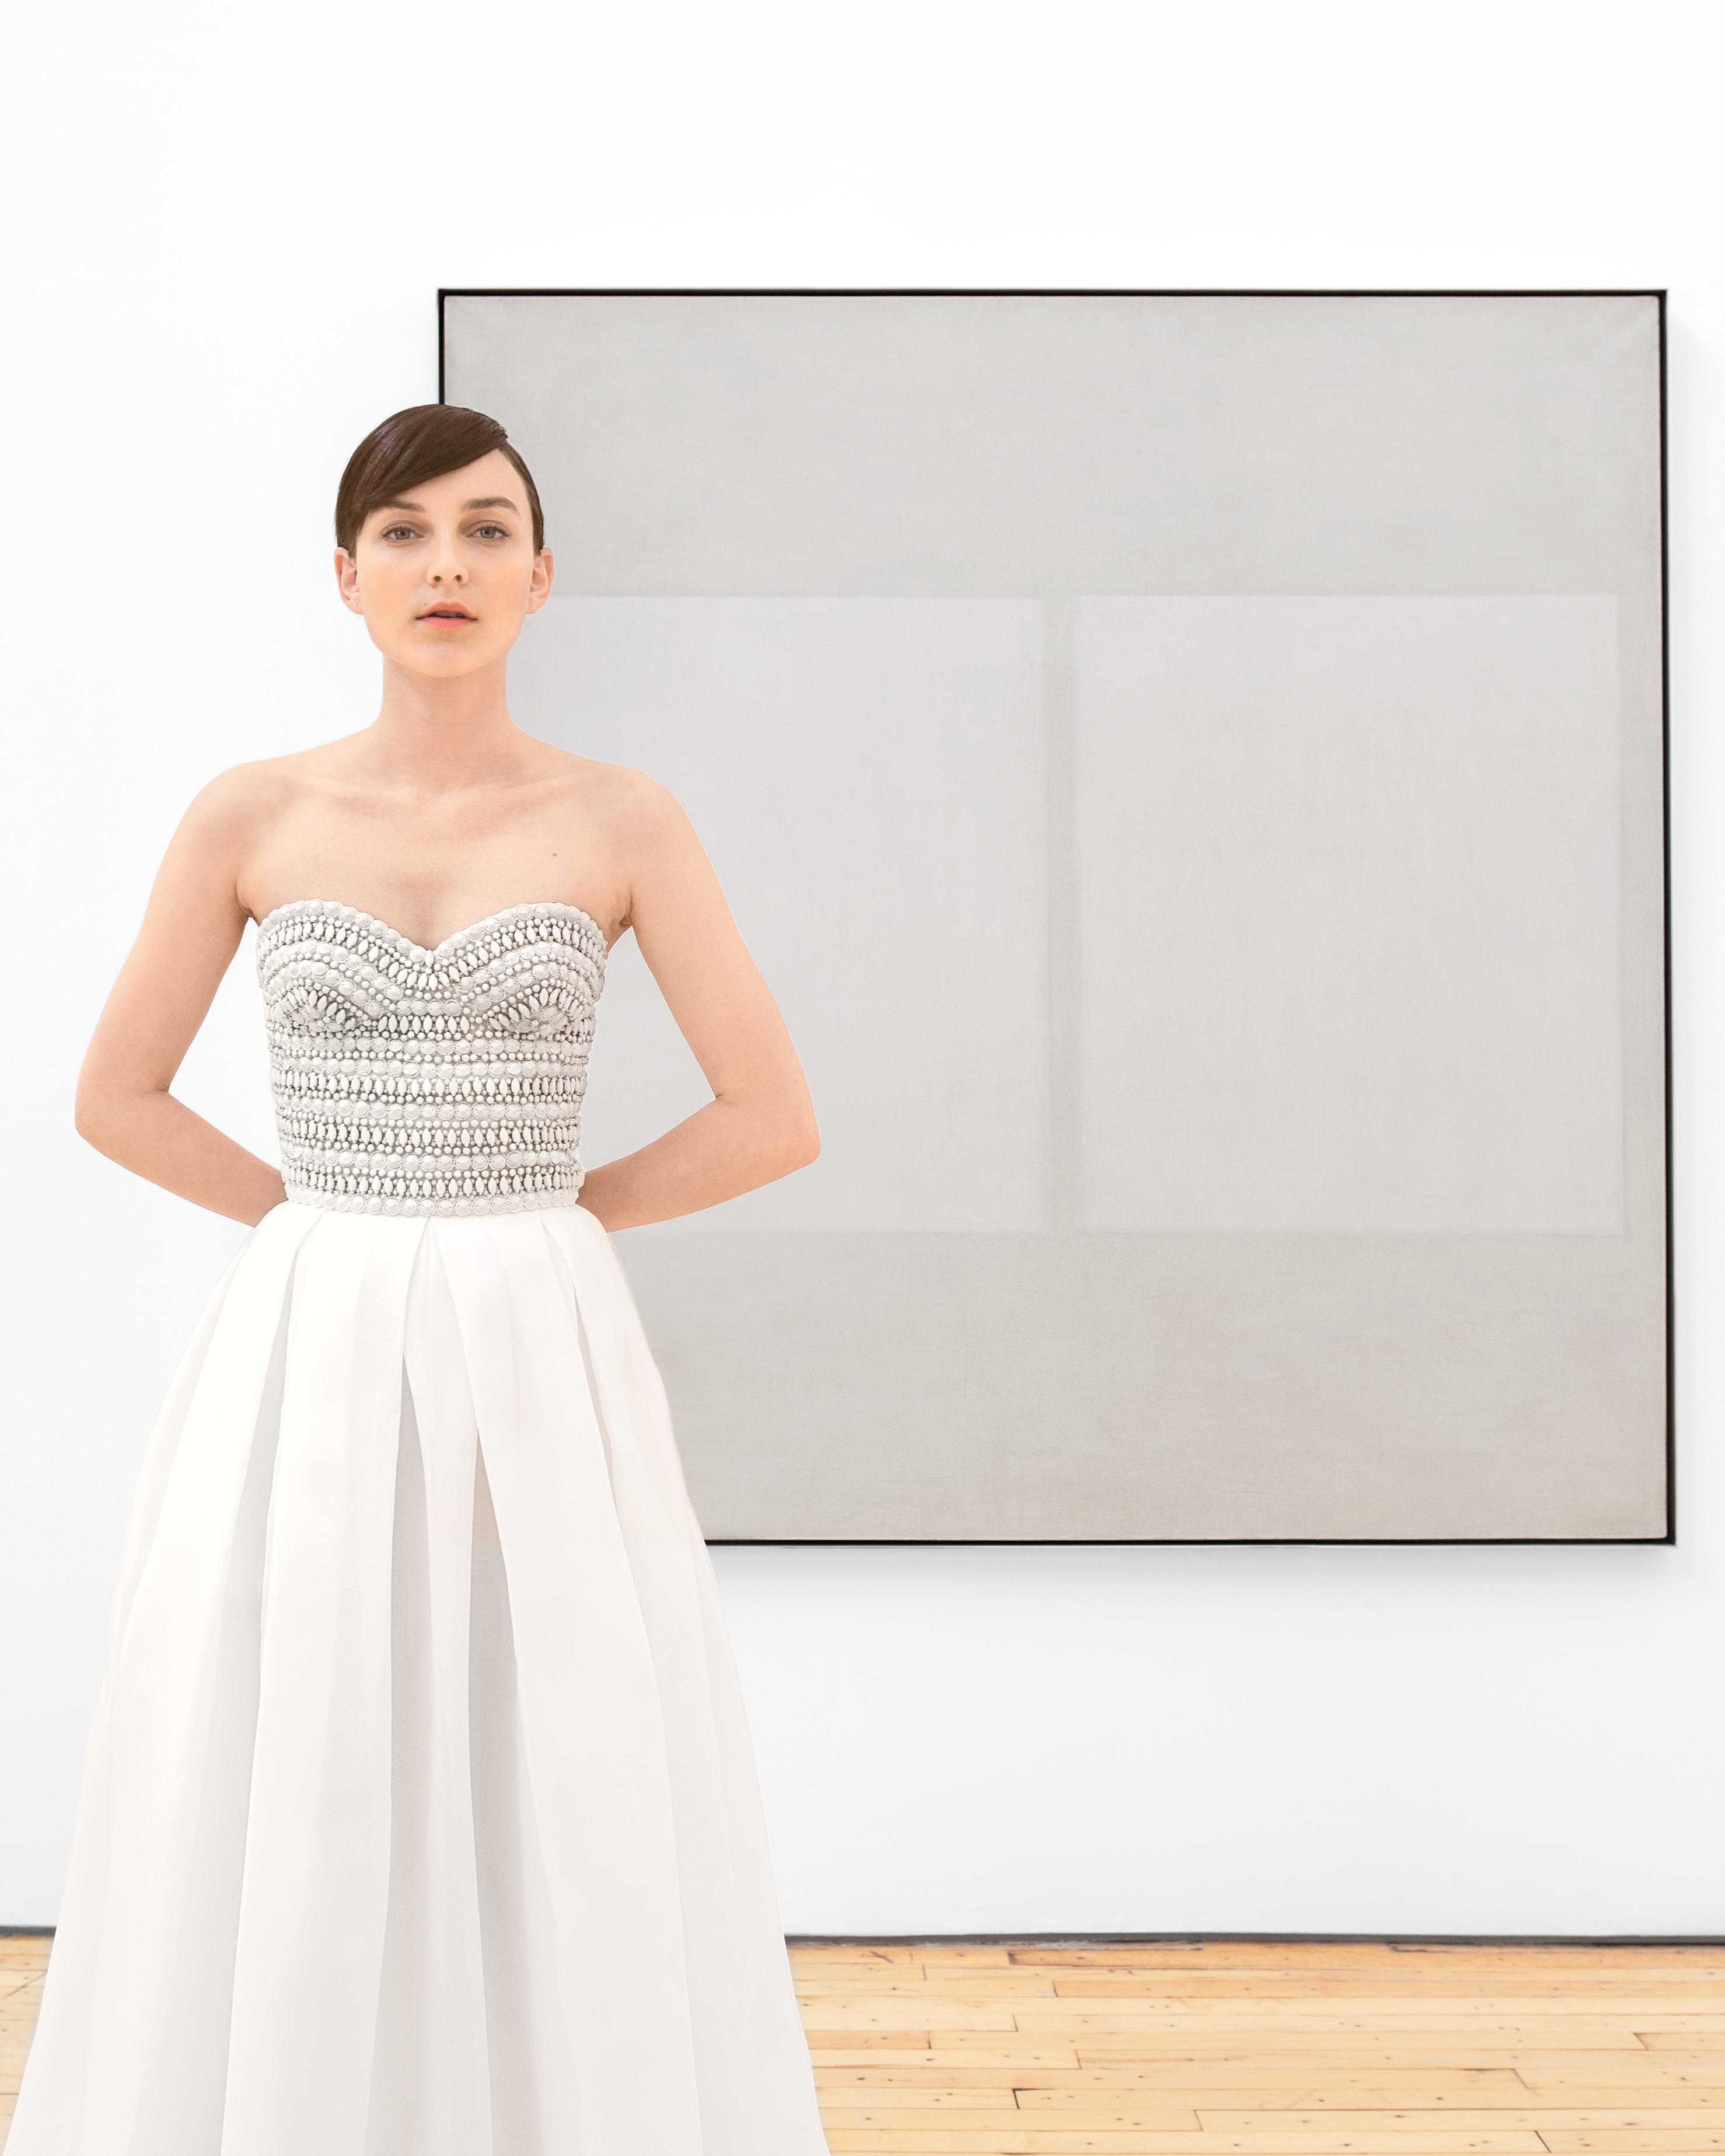 weddingdress-fashion-martin-ollie-mwd110783.jpg